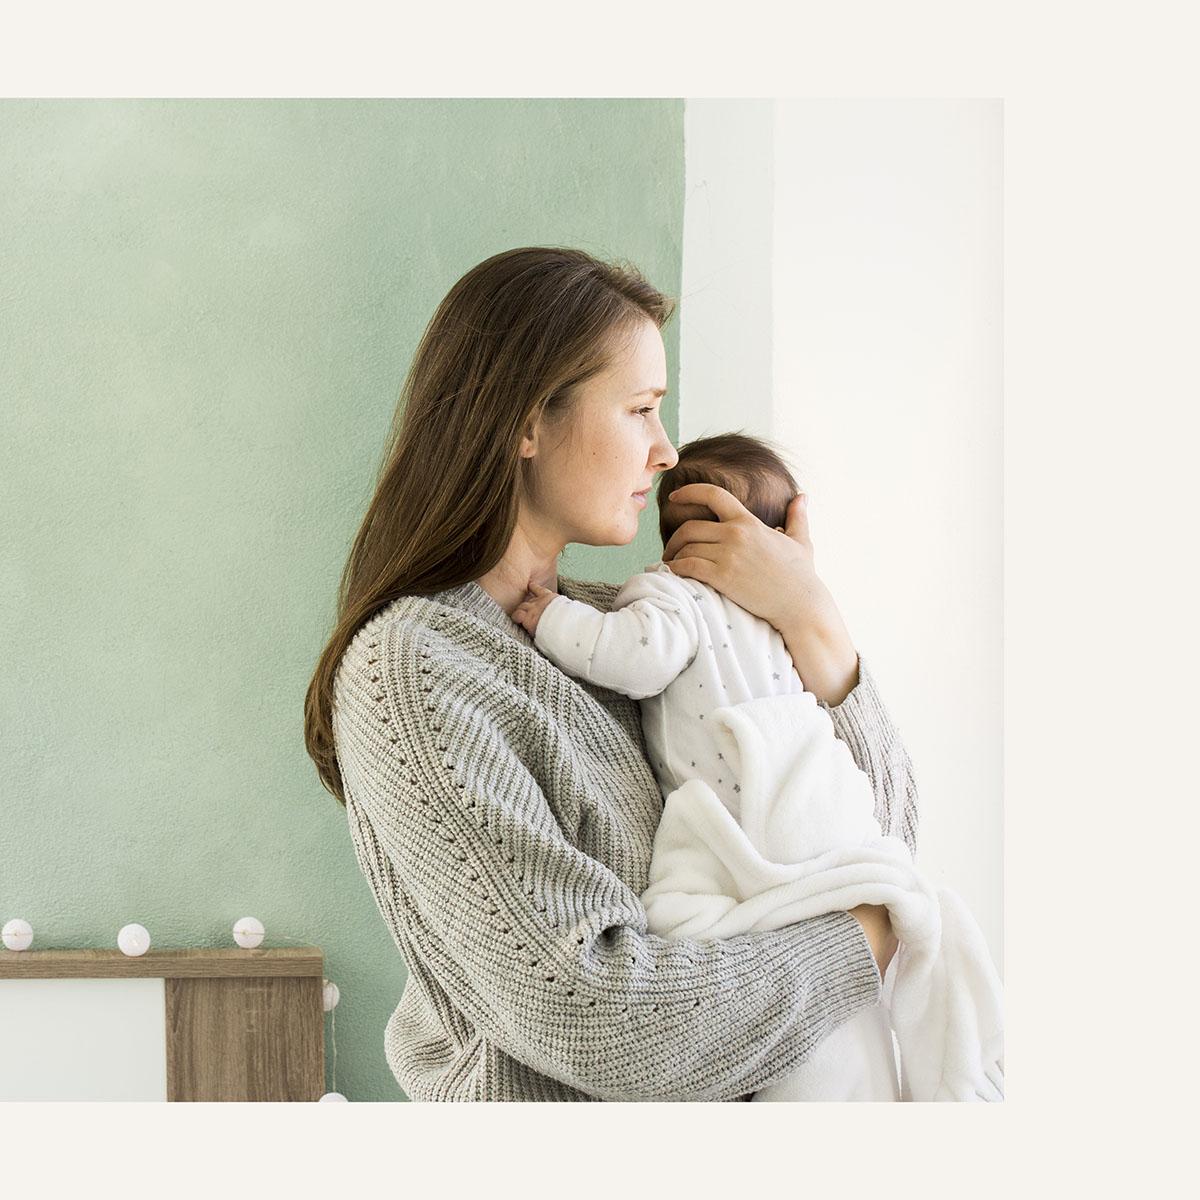 Женщина после родов: психологическое и физиологическое состояние фото